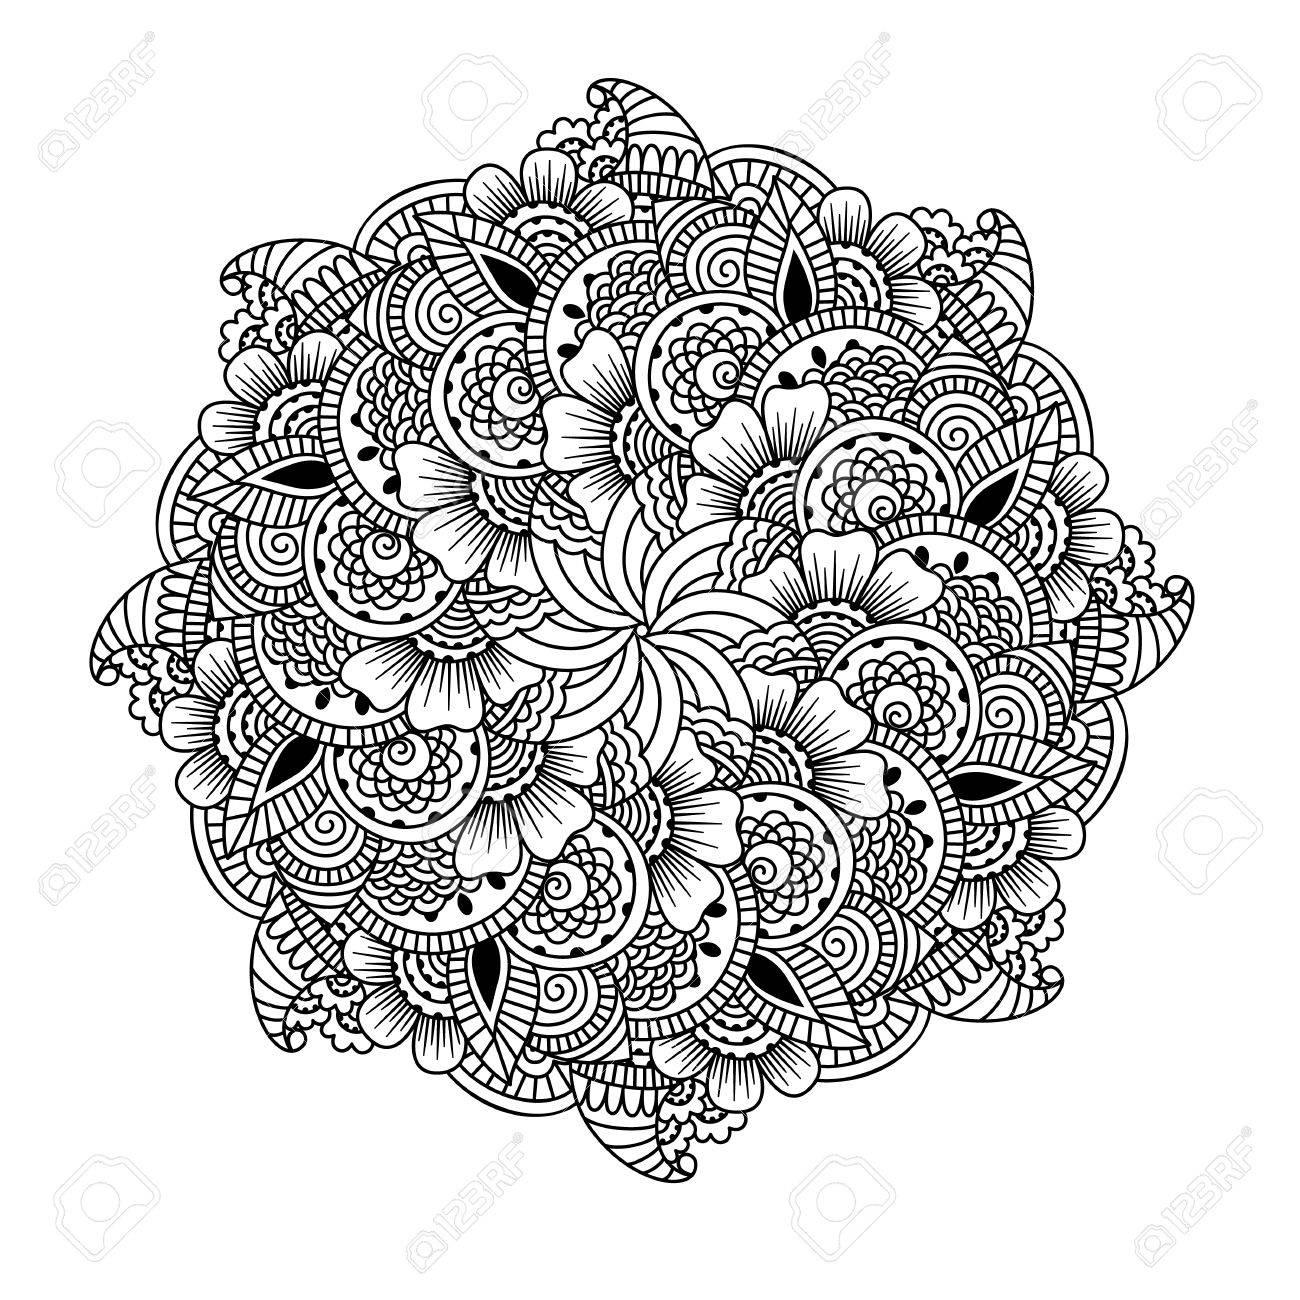 Rundelement Für Malbuch. Schwarz-Weiß-ethnischen Henna-Muster ...